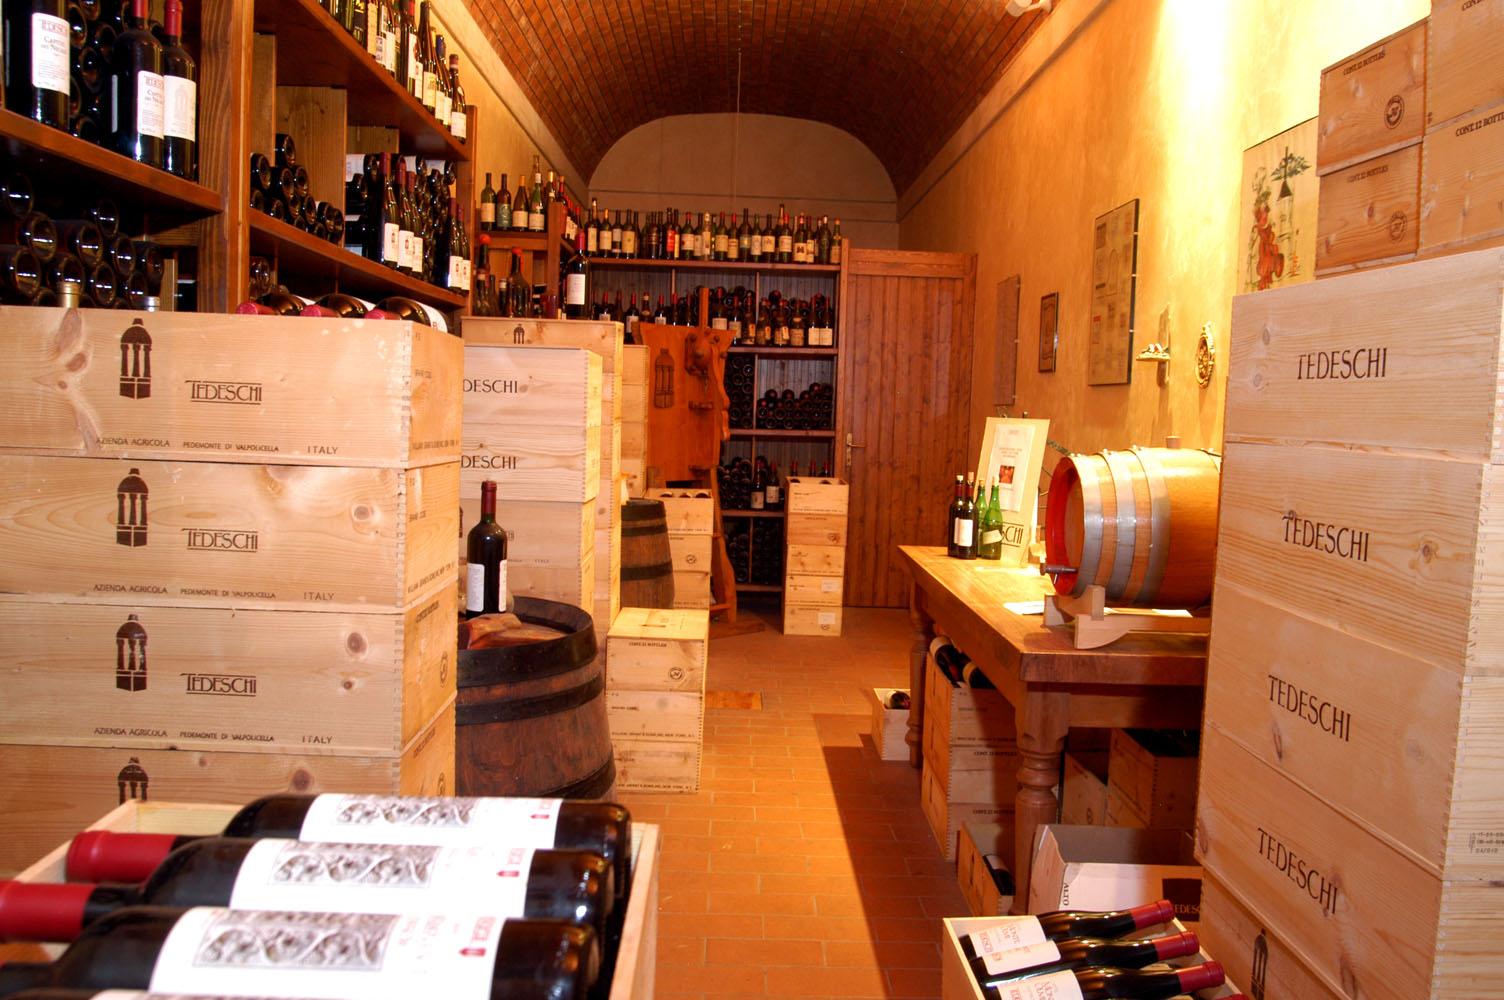 Famiglia Tedeschi - Tedeschi Wines